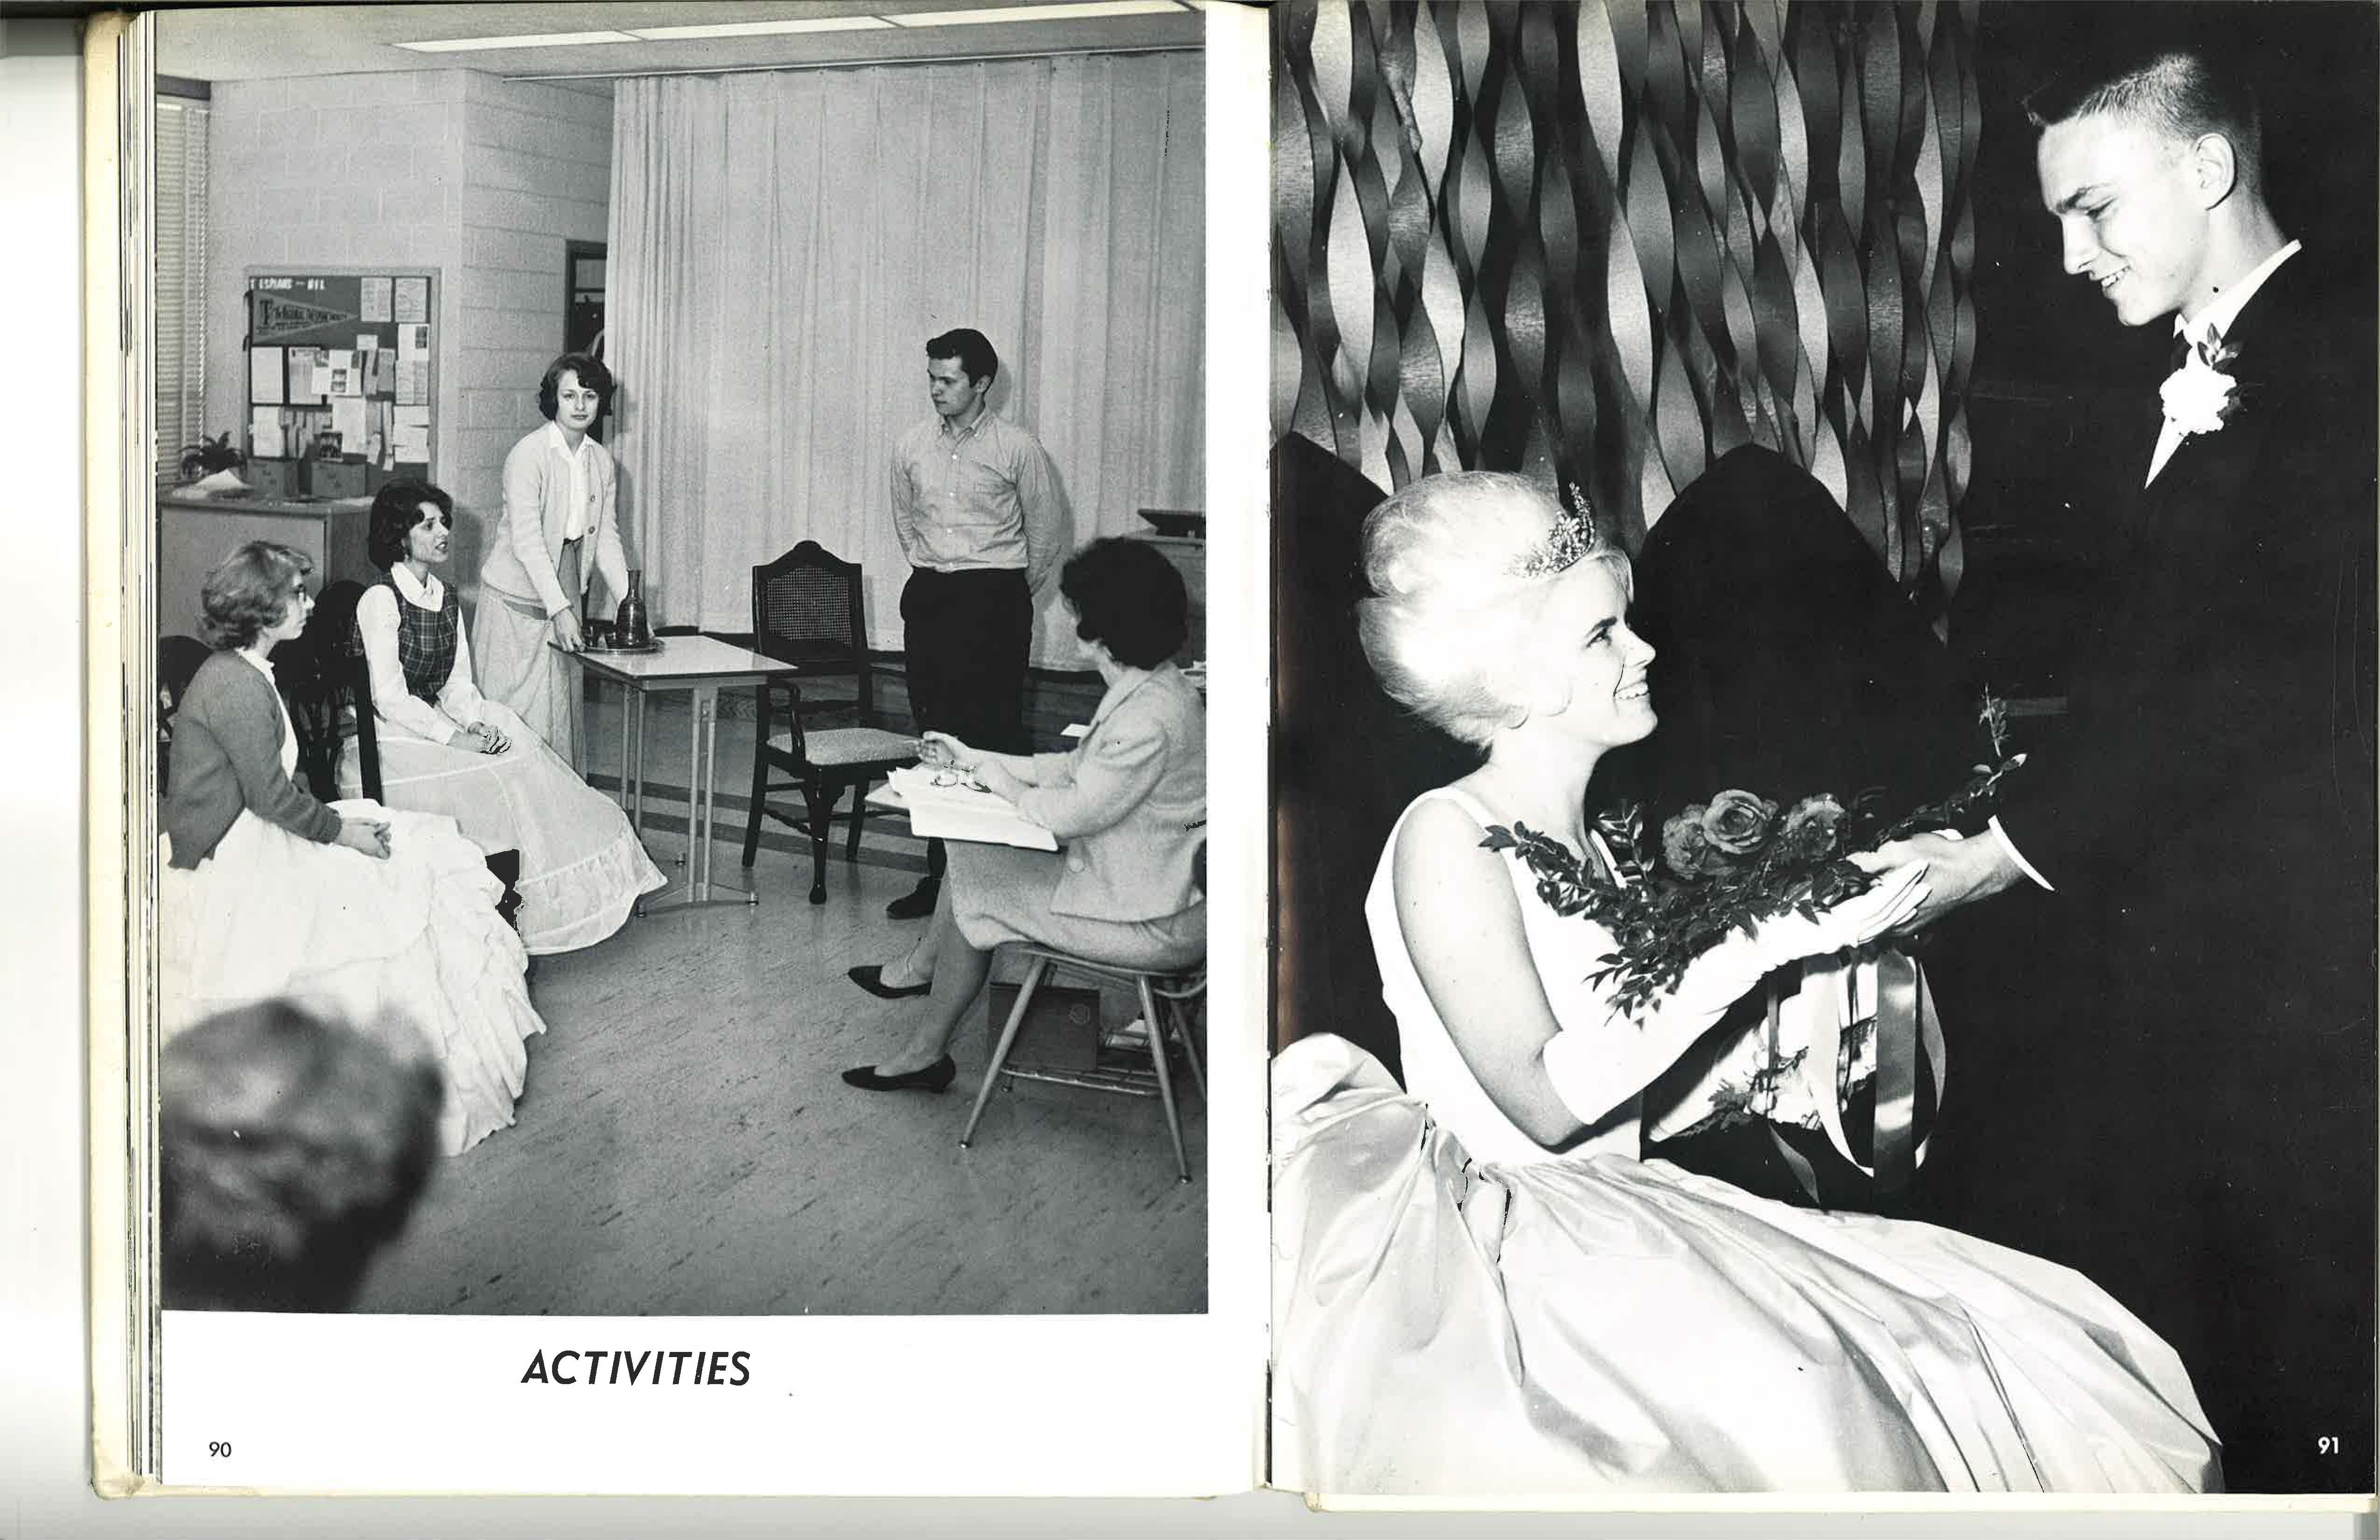 1964_Yearbook_Activities_90-91.jpg